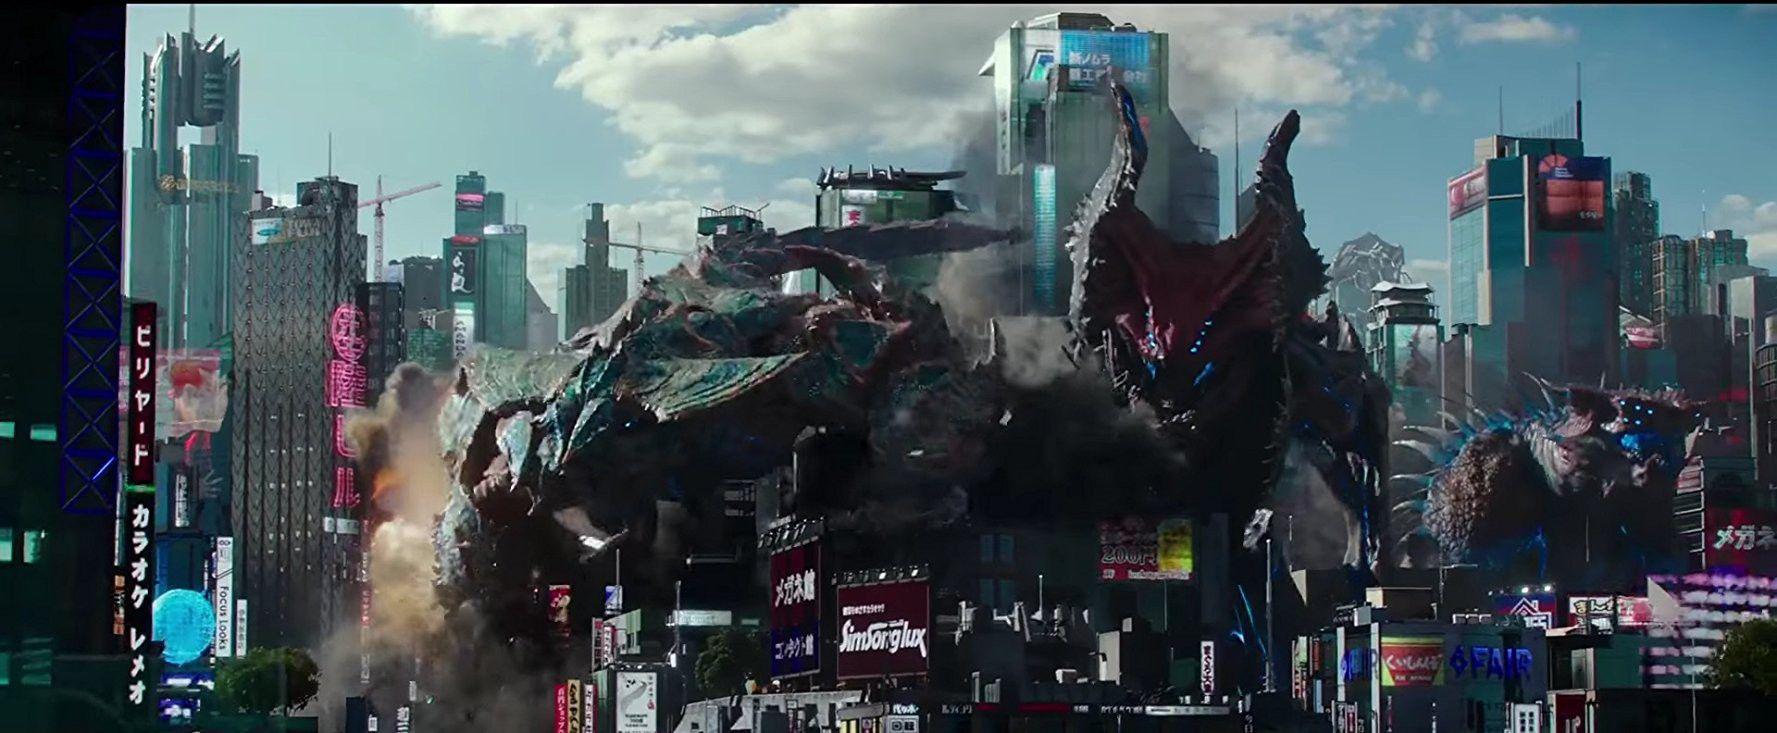 """Phim viễn tưởng """"Pacific Rim: Uprising"""" tung trailer mới gây thất vọng (5)"""